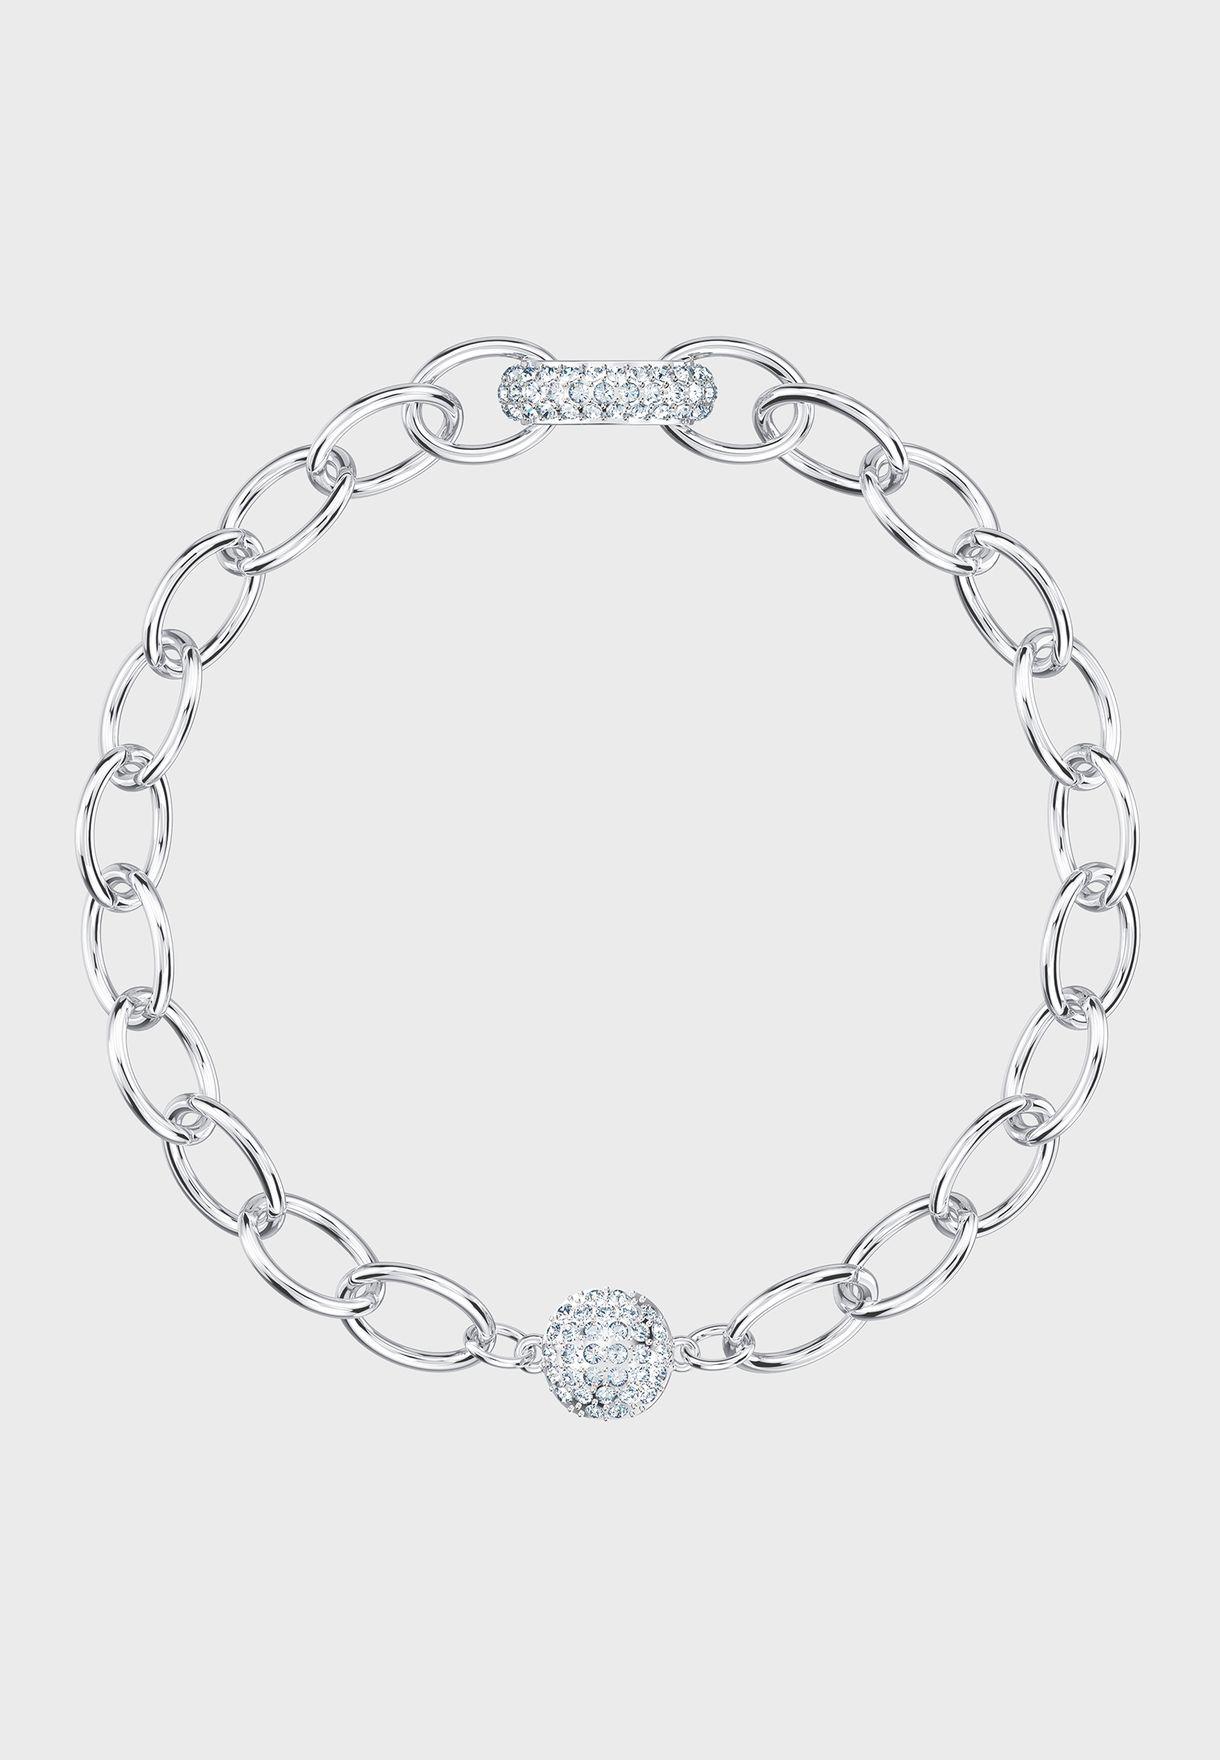 The Elements Chain Bracelet